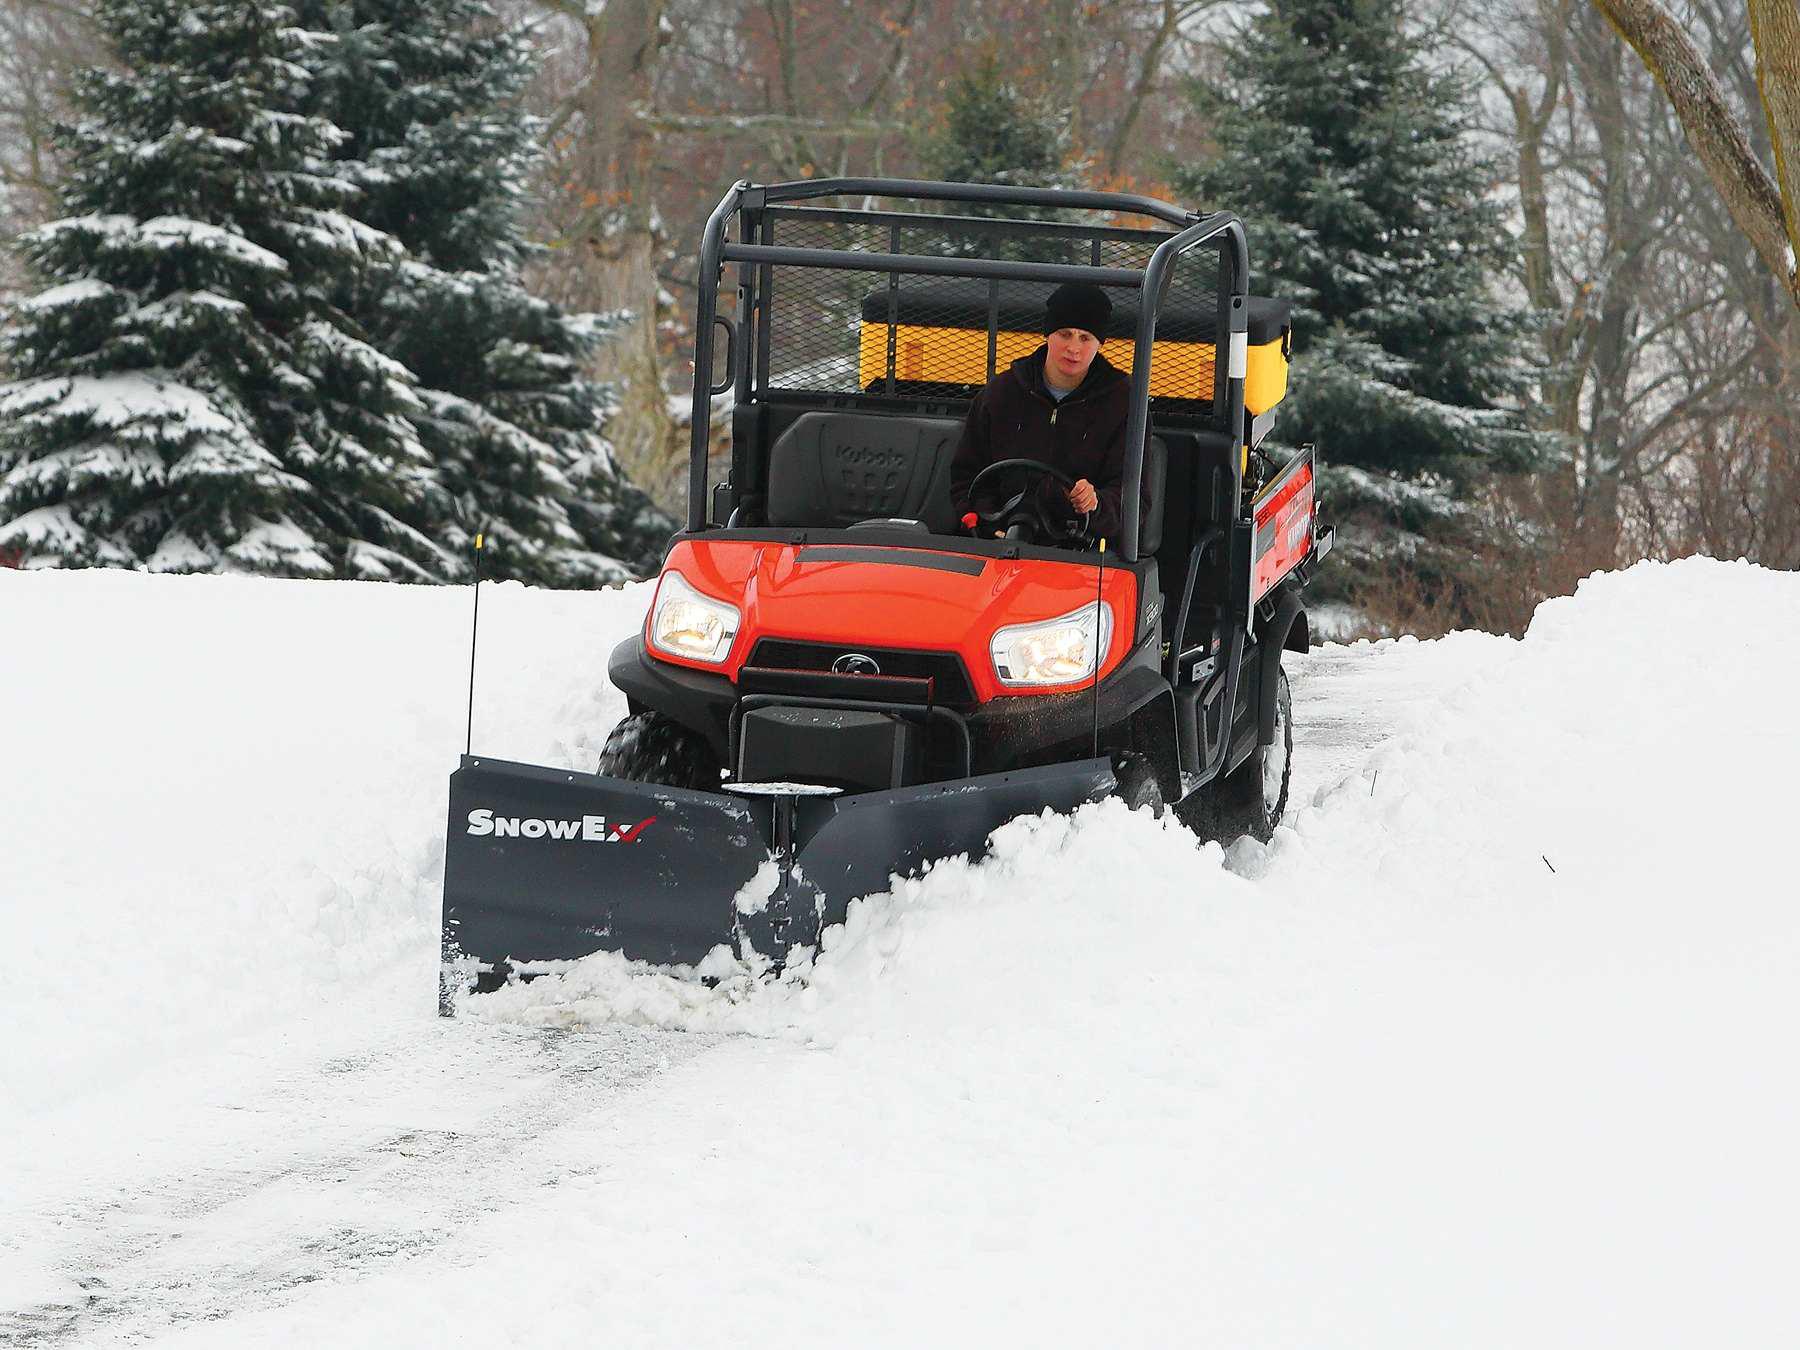 Snowex And Boss Snowplow Take On Utv Plows